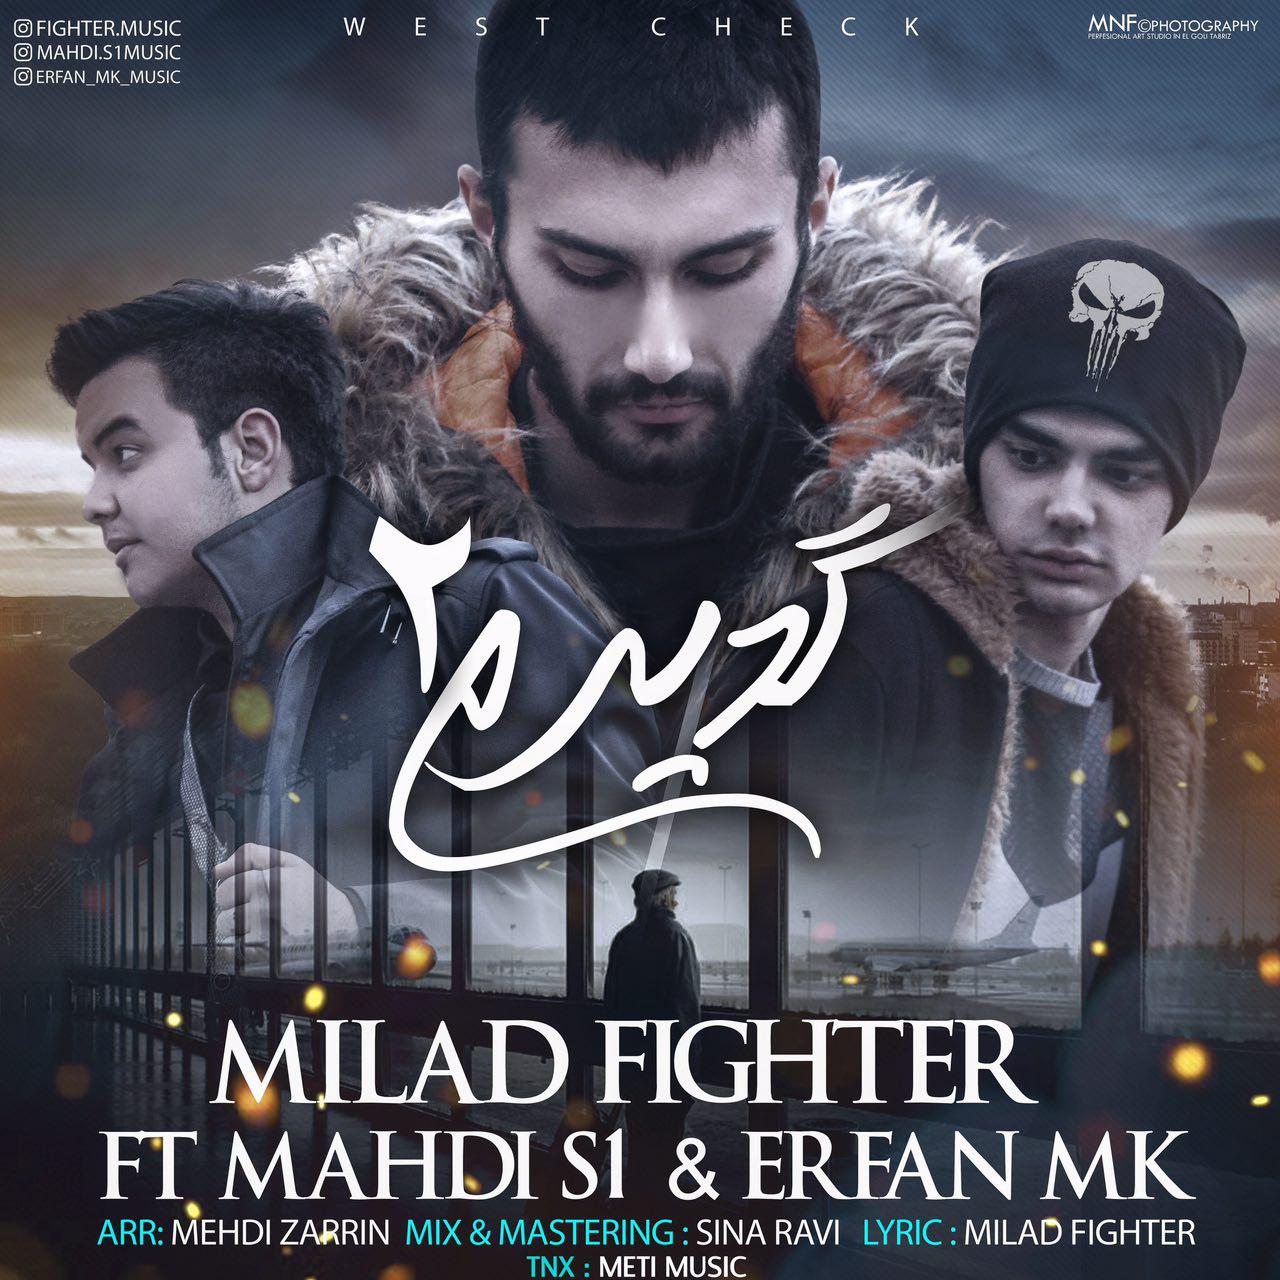 http://s9.picofile.com/file/8323625376/42Milad_Fighter_Ft_Mahdi_S1_Erfan_M_k_%E2%80%93_GeDiRam_2.jpg